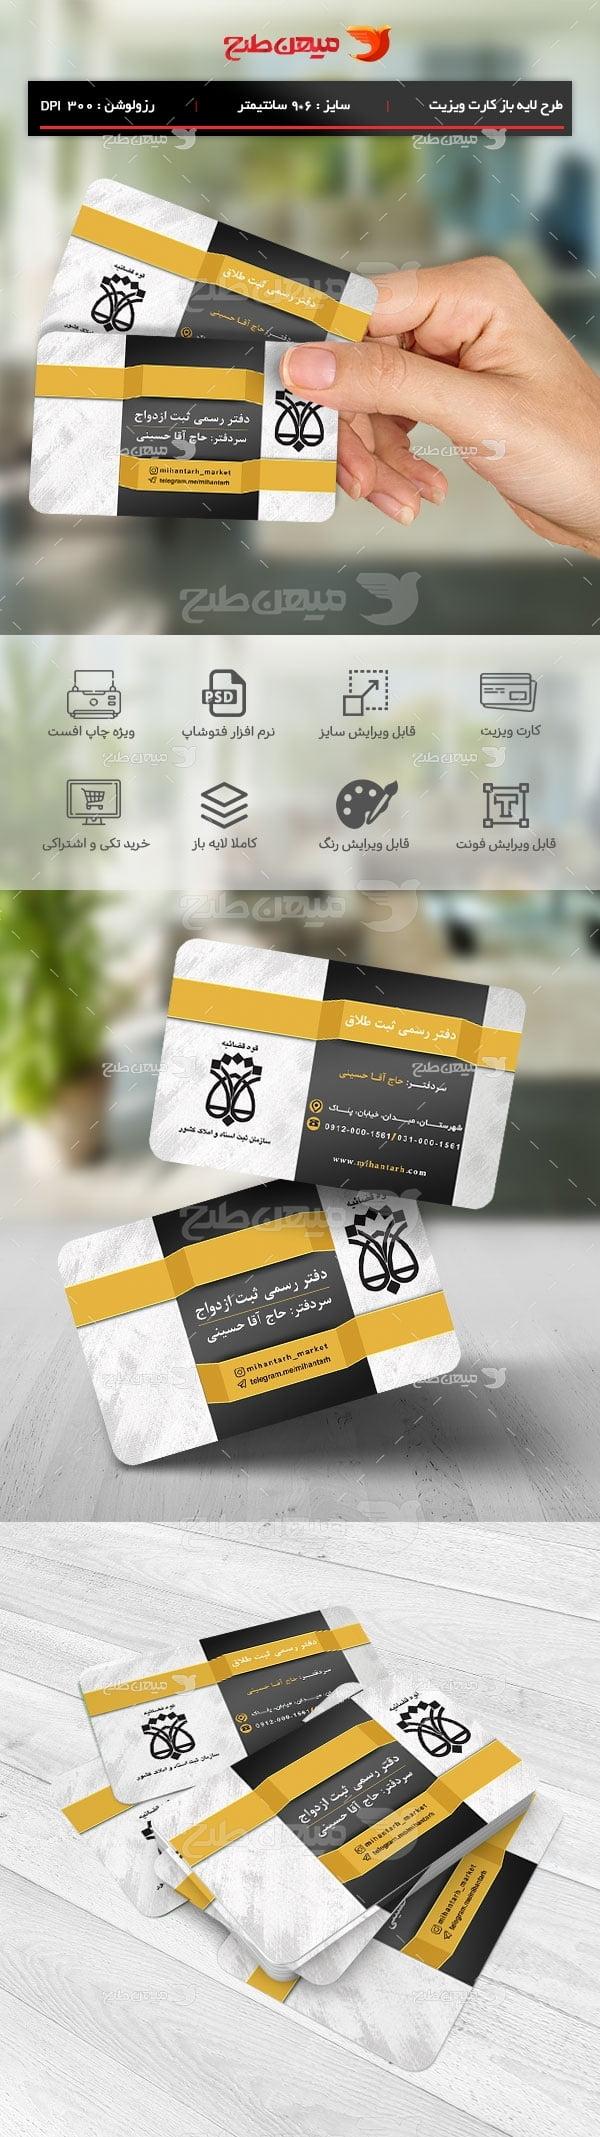 طرح لایه باز کارت ویزیت دفتر ثبت ازدواج